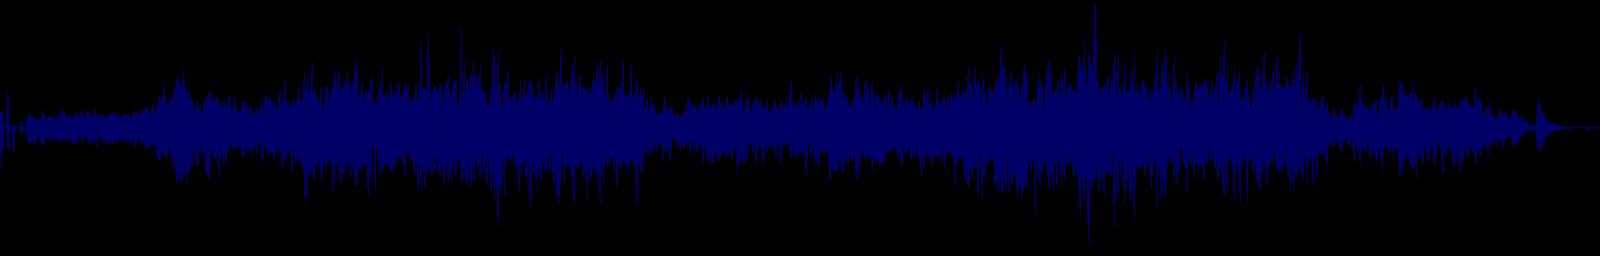 waveform of track #153859